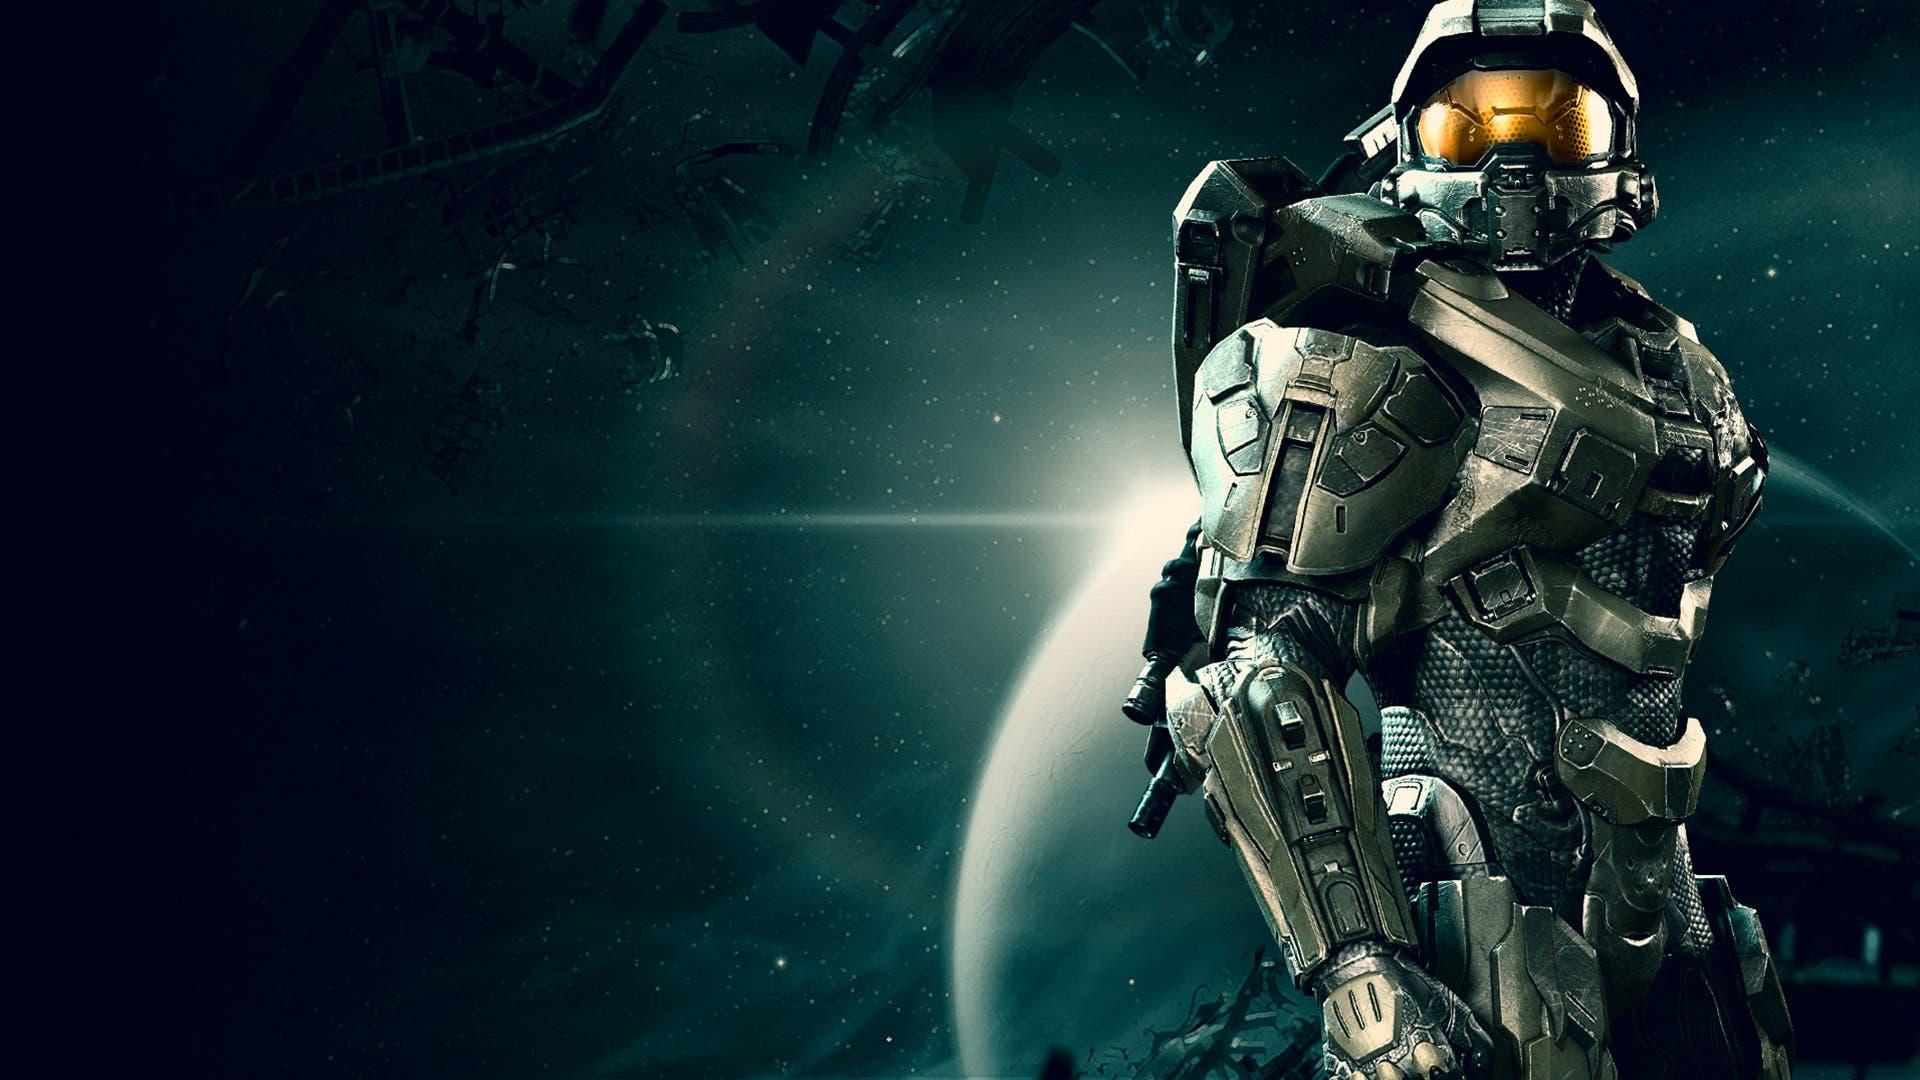 Los test de Halo: The Master Chief Collection en PC no empezarán hasta después del E3 2